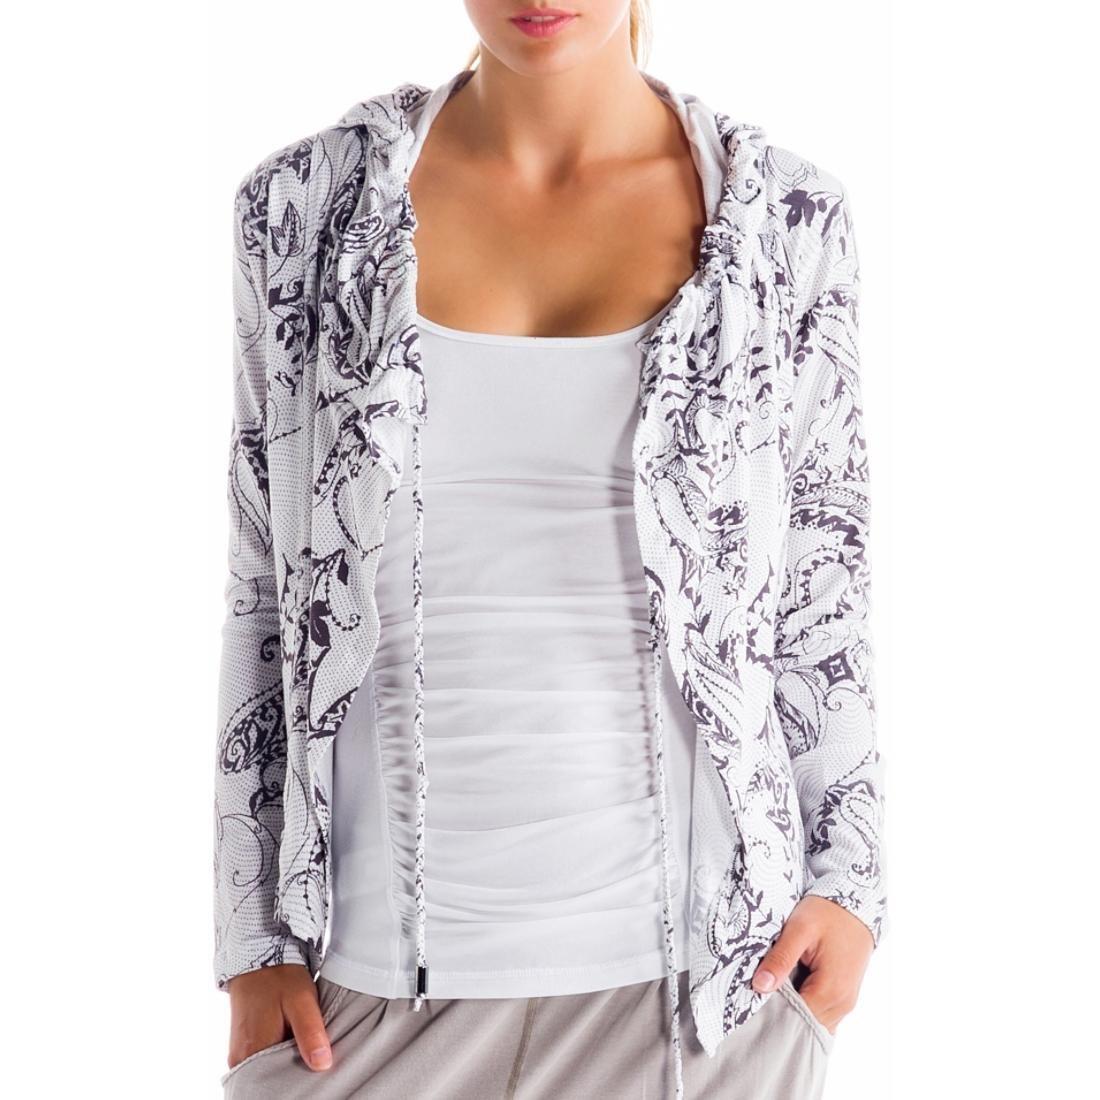 Кардиган LSW0896 VITAL CARDIGANТолстовки<br><br> Легкий женский кардиган Lole Vital LSW0896, выполненный из мягкой и эластичной ткани, – это идеальный вариант для активных и спортивных девушек. Он отлично подойдет для тренировок в прохладную погоду.<br><br> Благодаря свободной посадке и тянущемус...<br><br>Цвет: Белый<br>Размер: XS